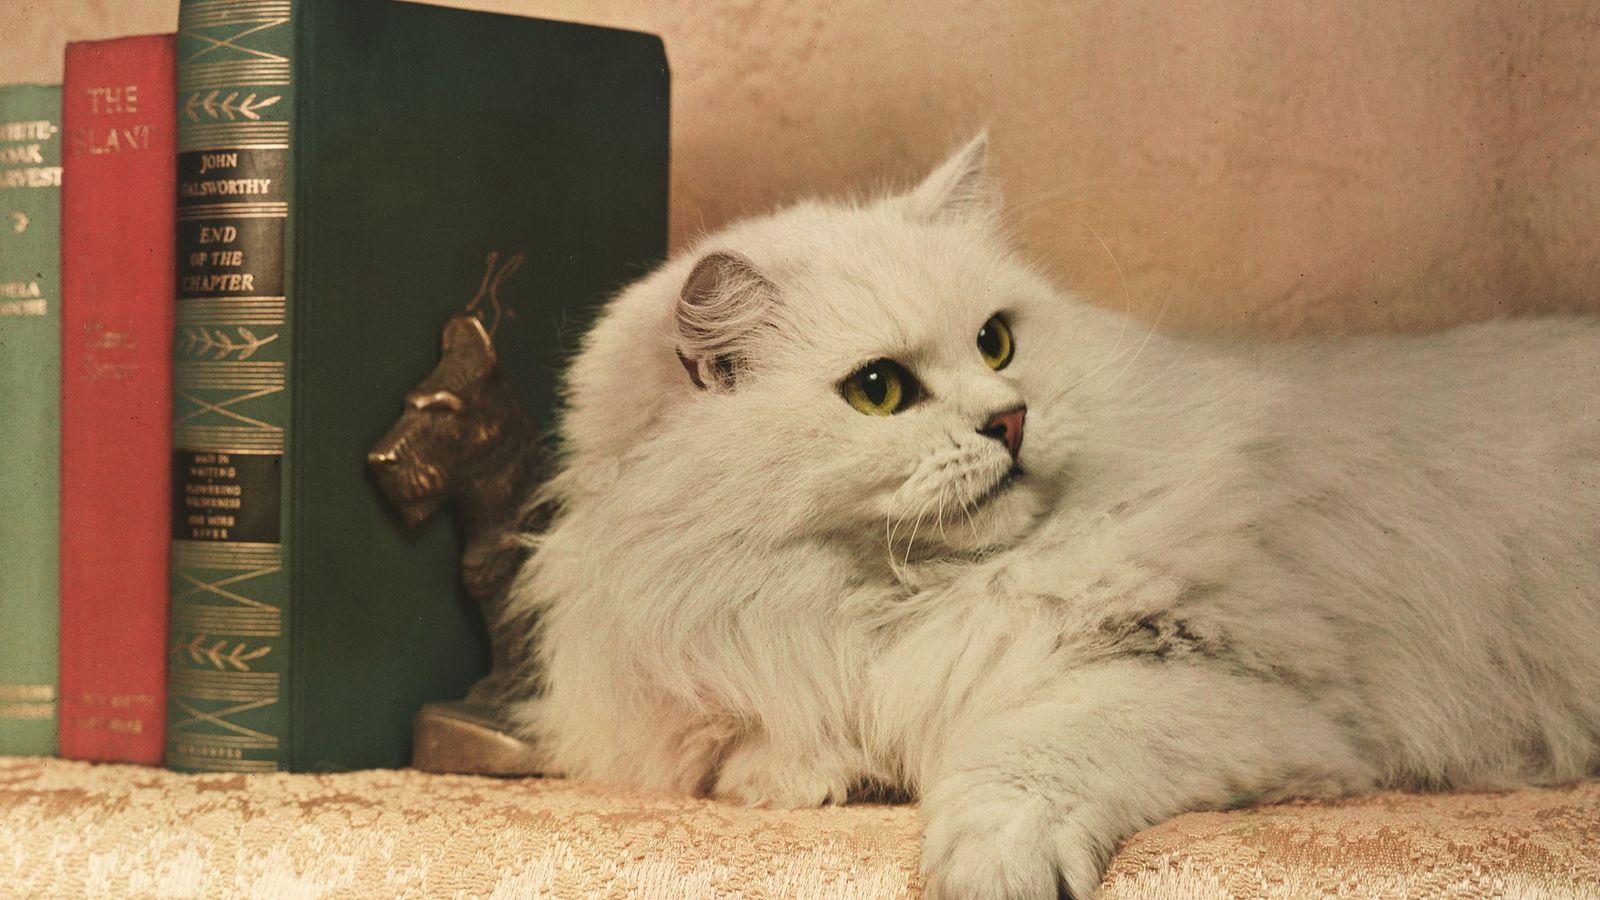 """Um chinchila persa campeão descansa próximo a alguns livros """"como um nobre leãozinho"""", em Bloomsberg, Pensilvânia."""